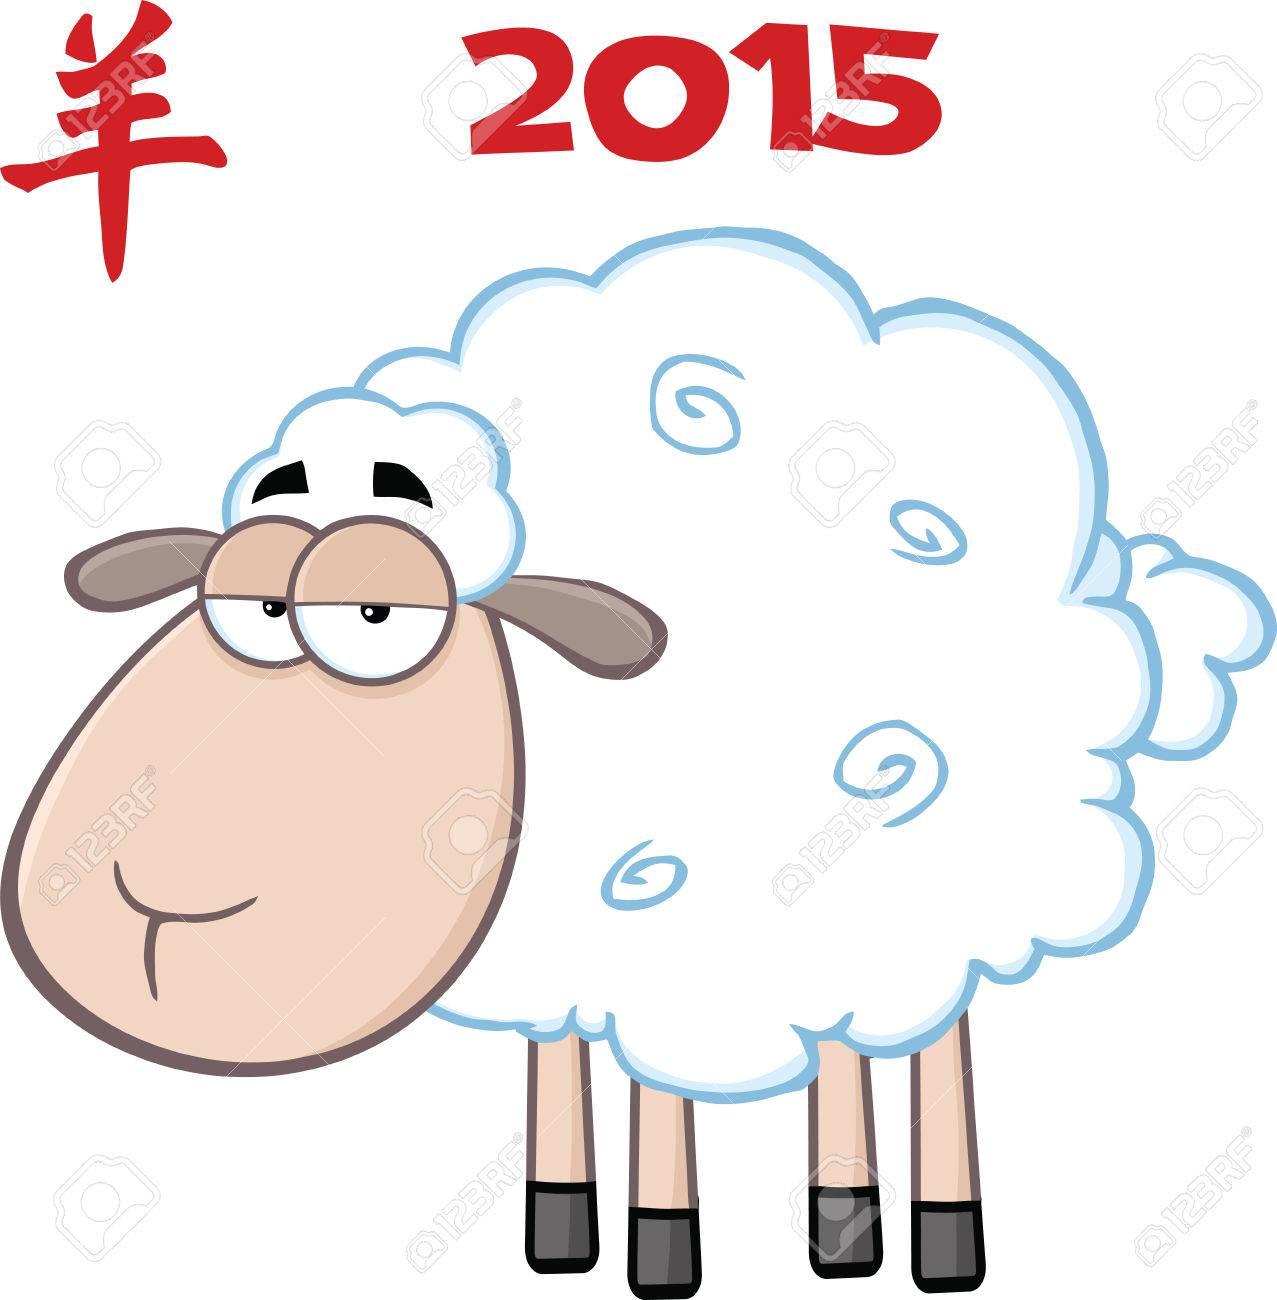 2015 イラスト分離された白のテキストの下で羊漫画のキャラクターします